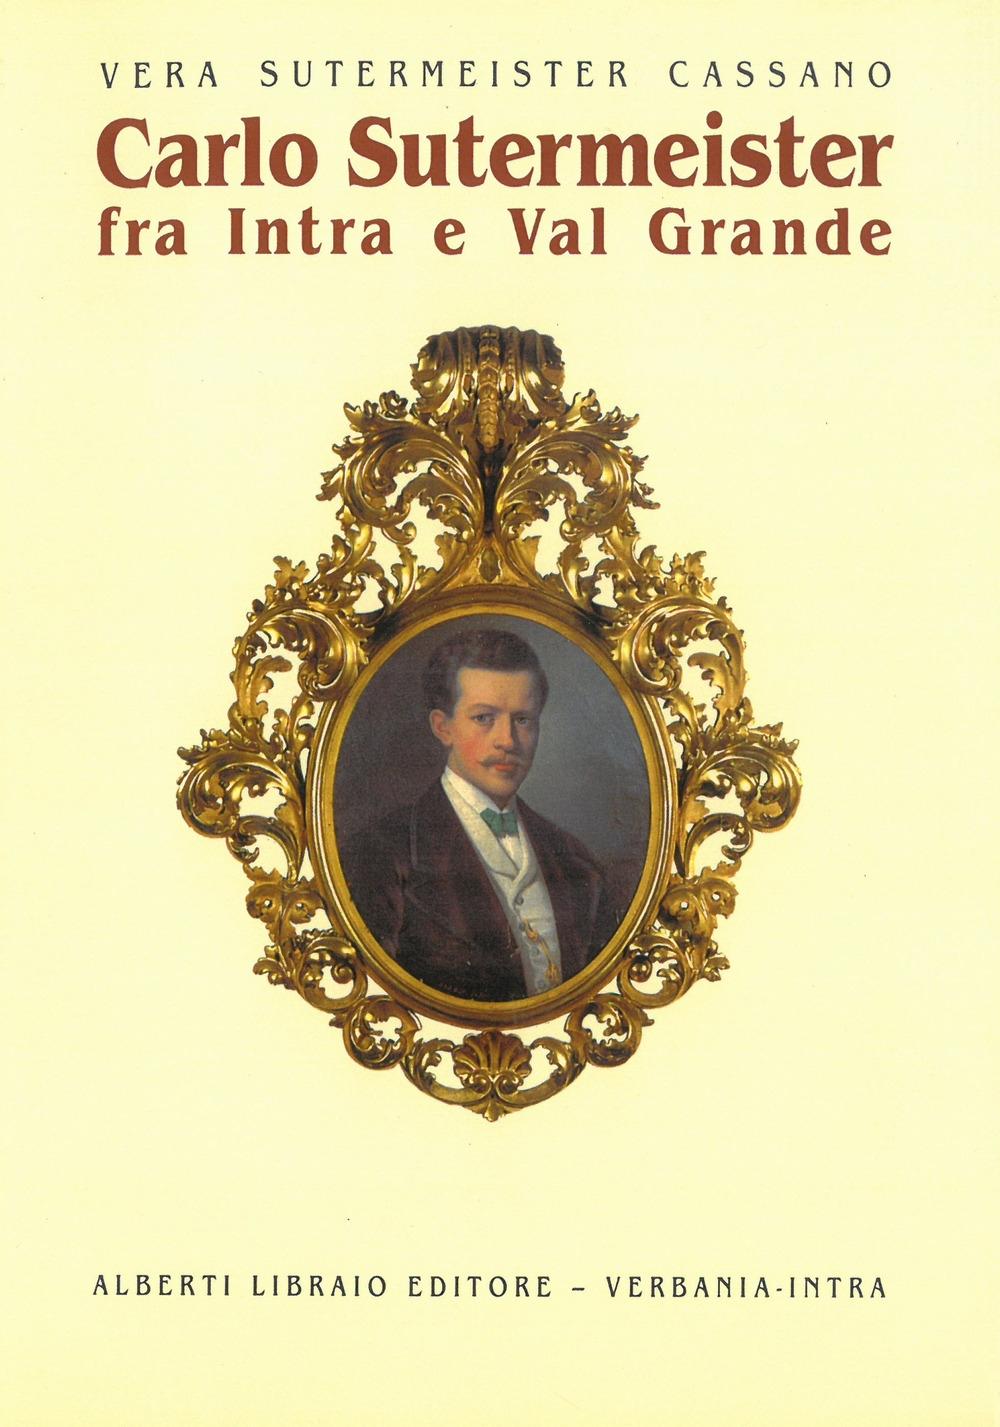 Carlo Sutermeister fra Intra e Val Grande